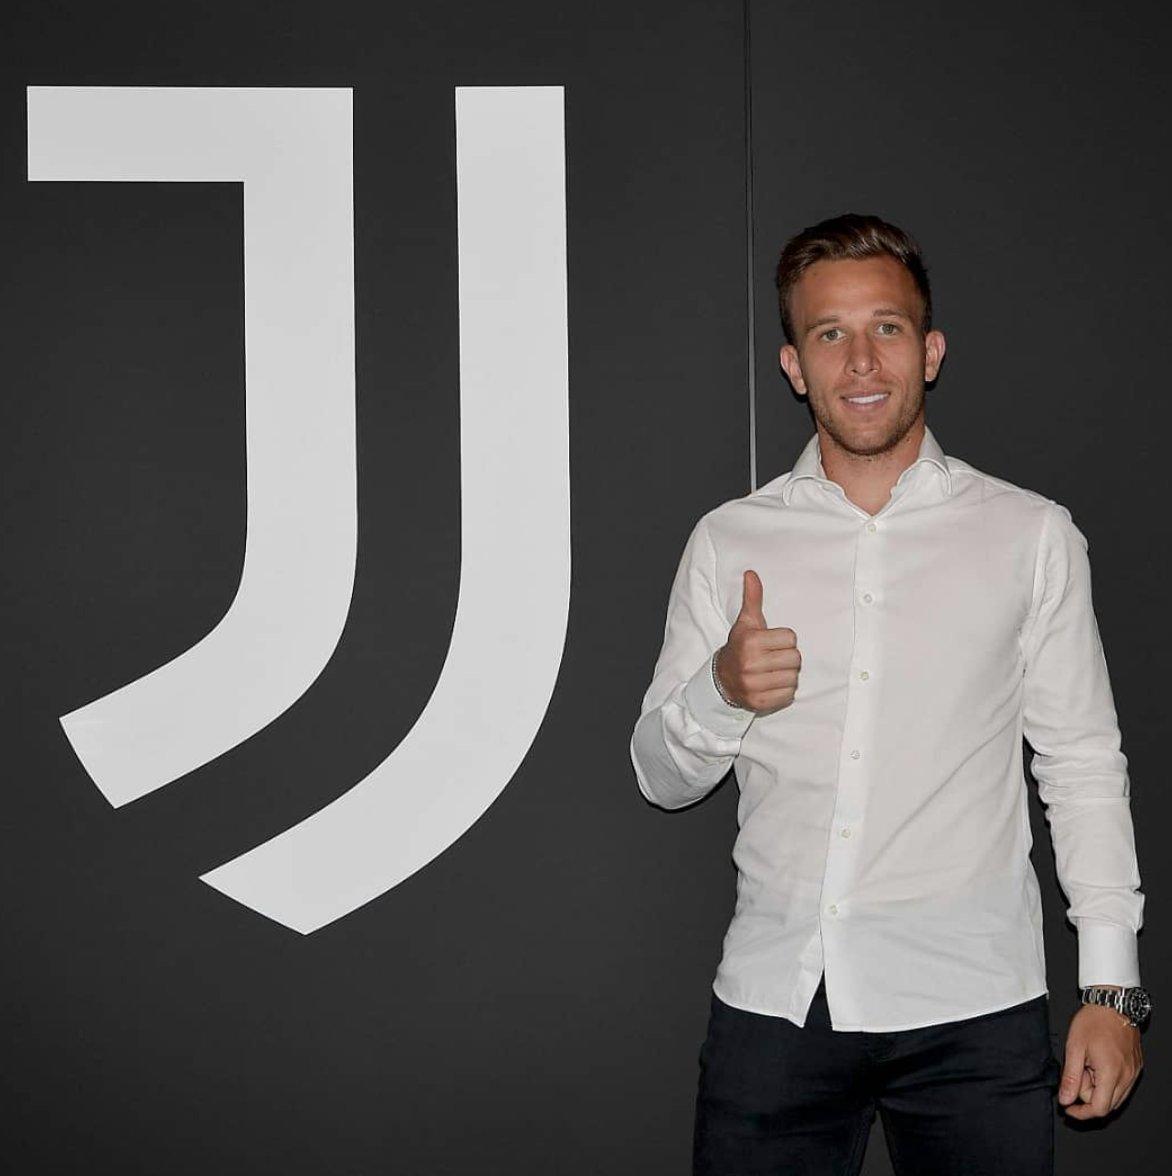 El nuevo mediocampista de la Juventus. ARTHUR.